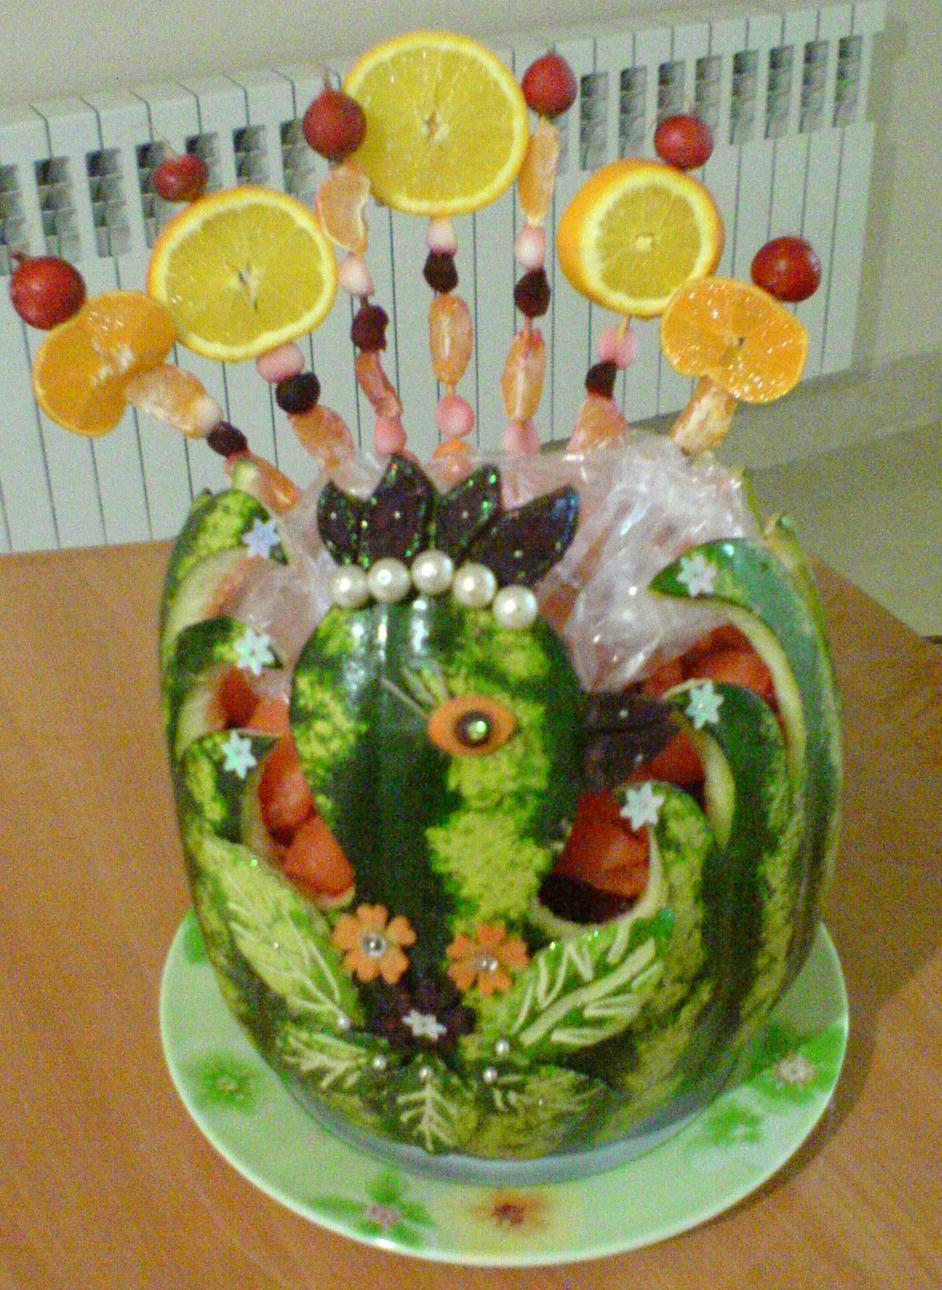 سرمه دوزی هنرهای دستی - تزیین میوه